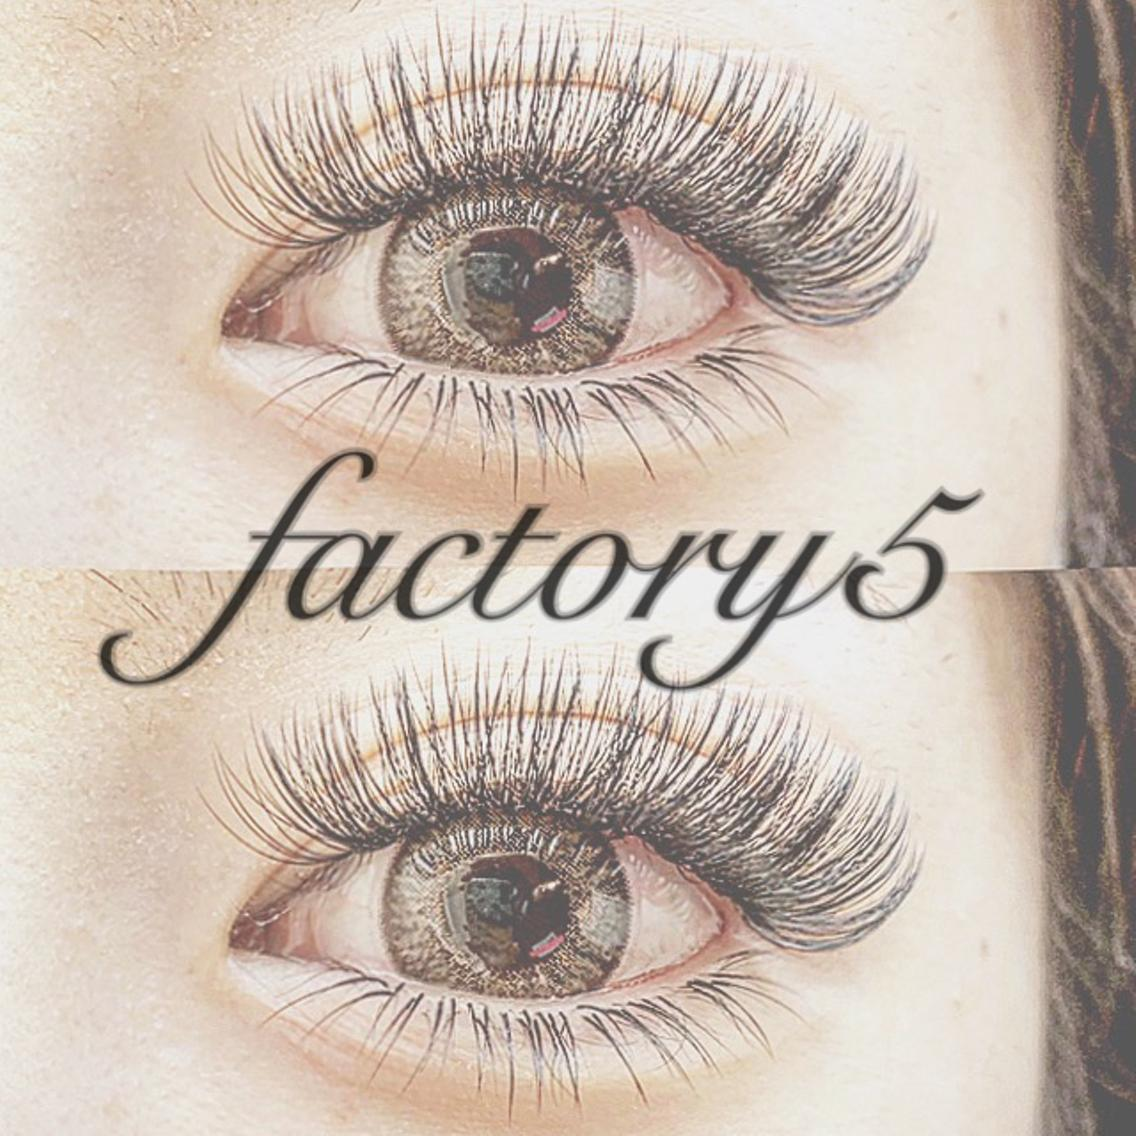 新規OPEN ☆ Factory5 ☆ cut.color.extension.hair set 他